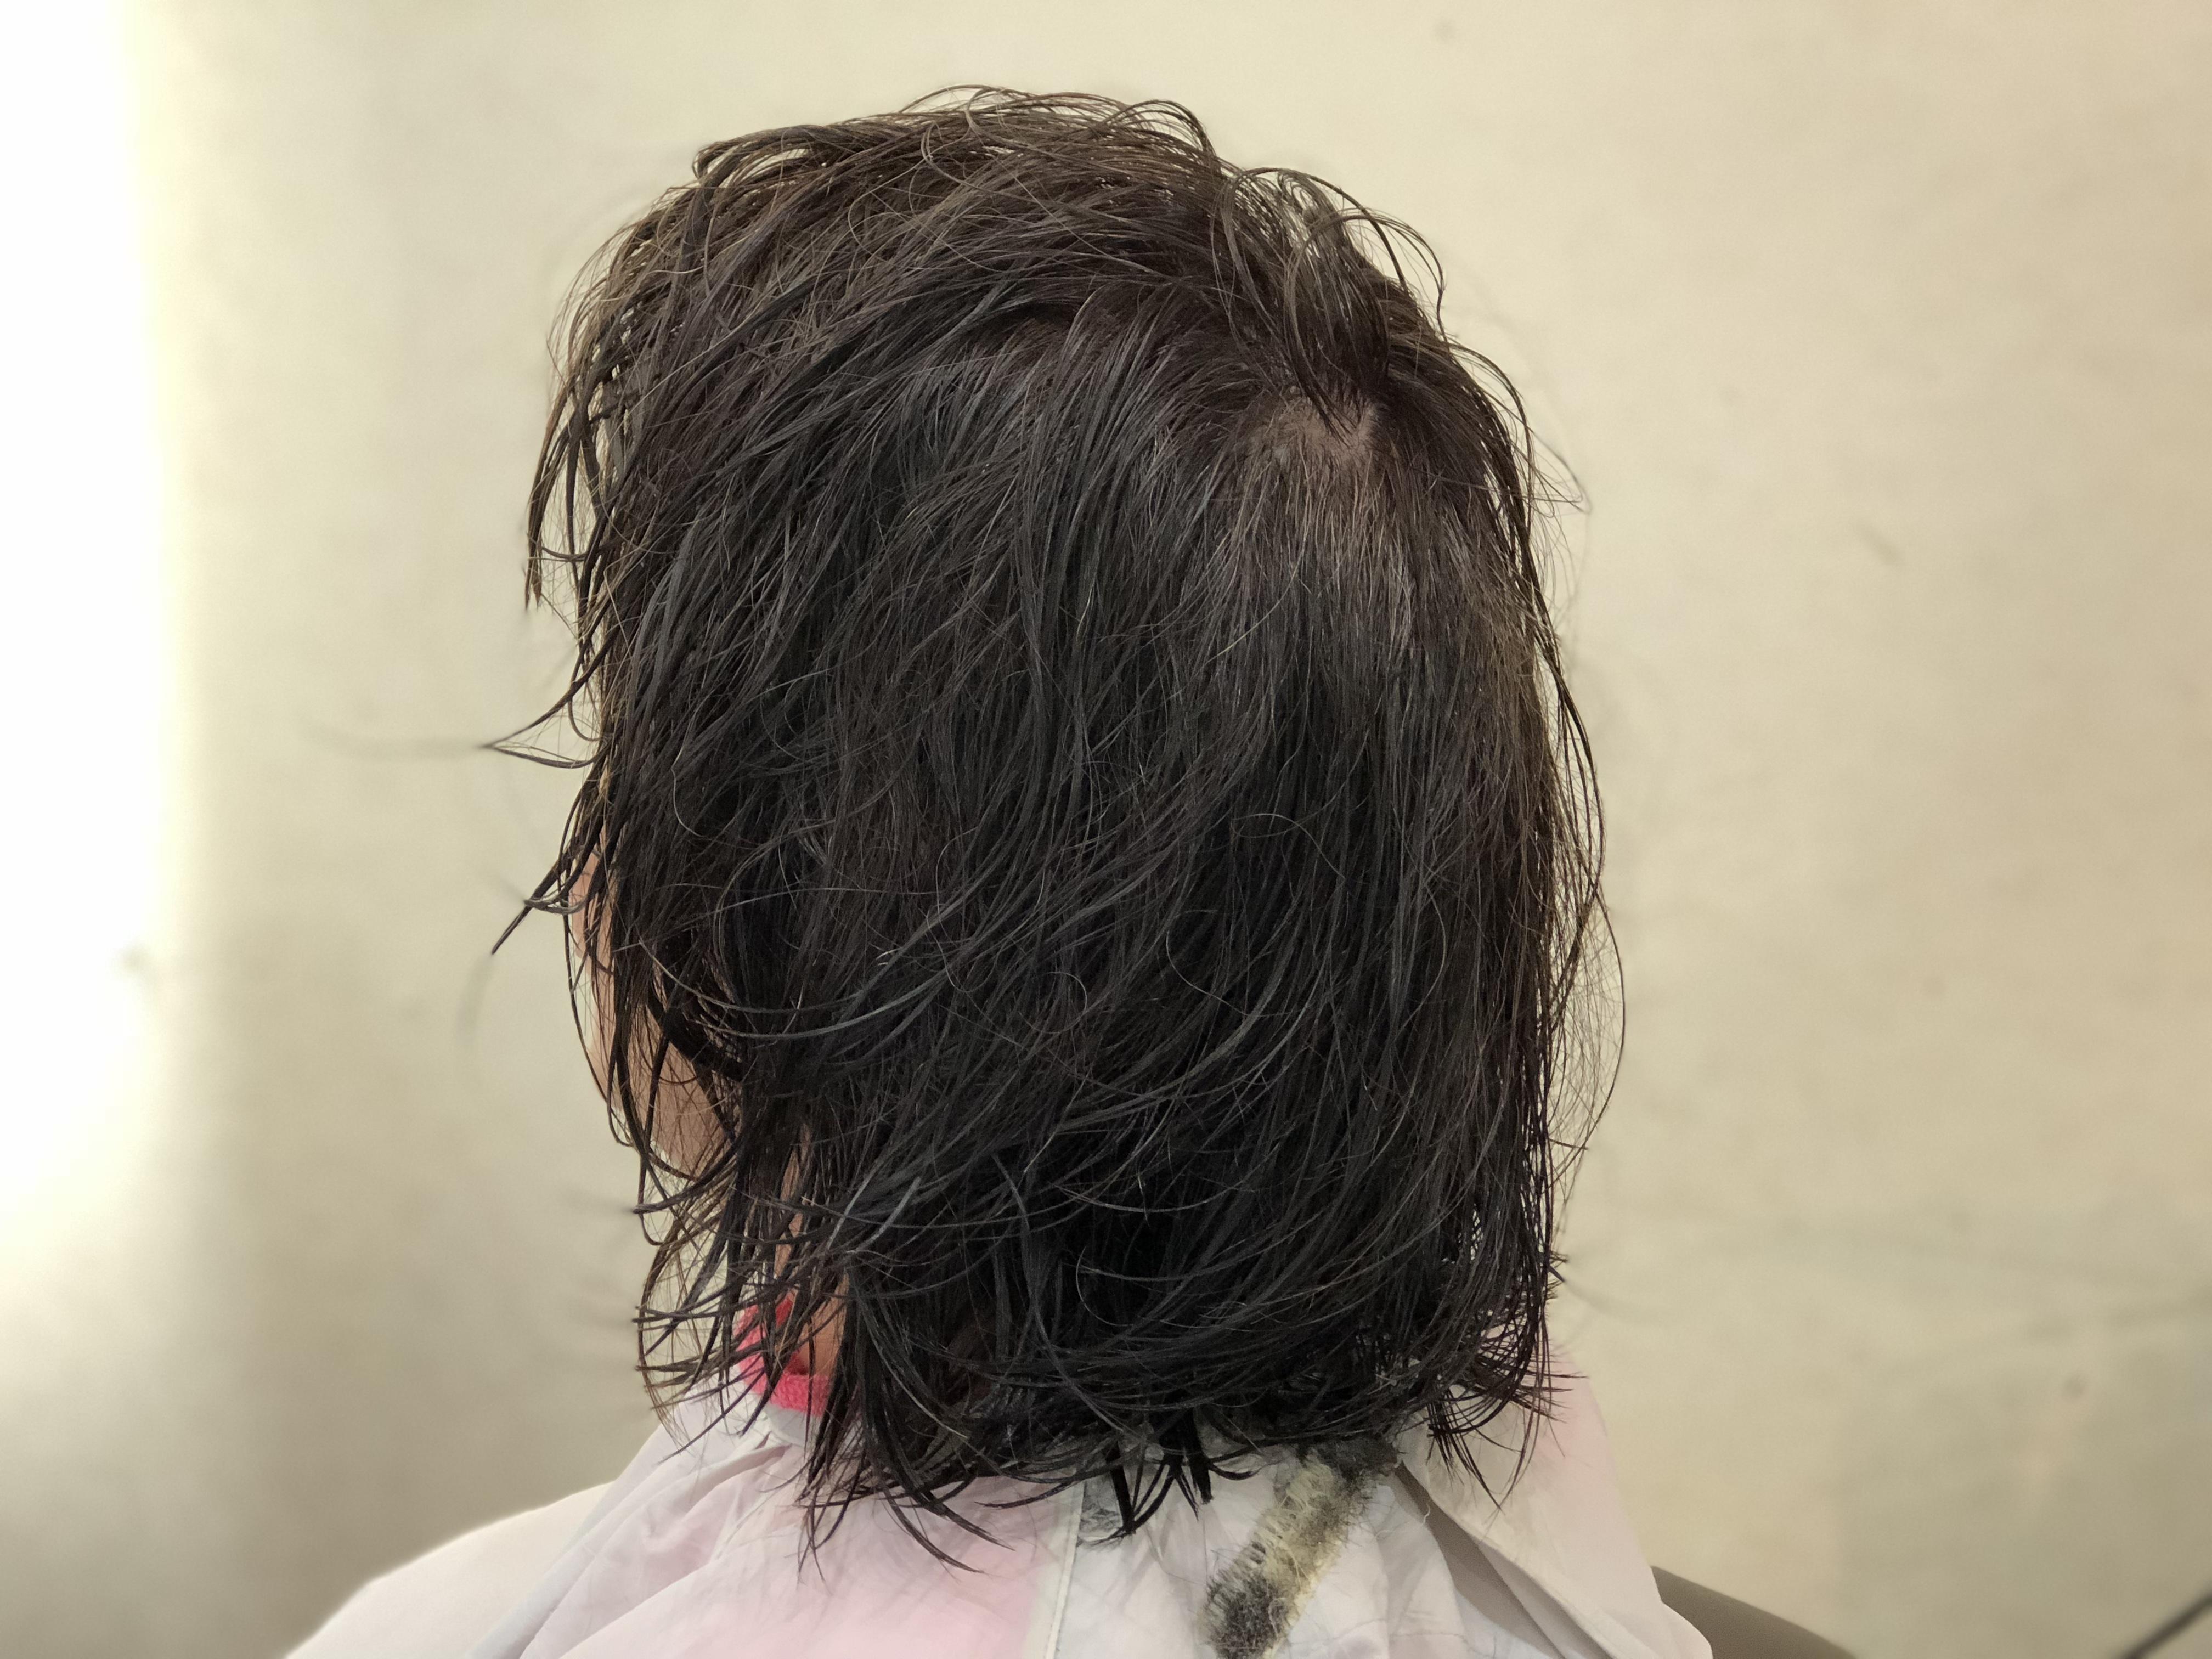 つむじや、髪のはえぐせでパカッと割れる。どうする・・ カットでの割れの解消法。